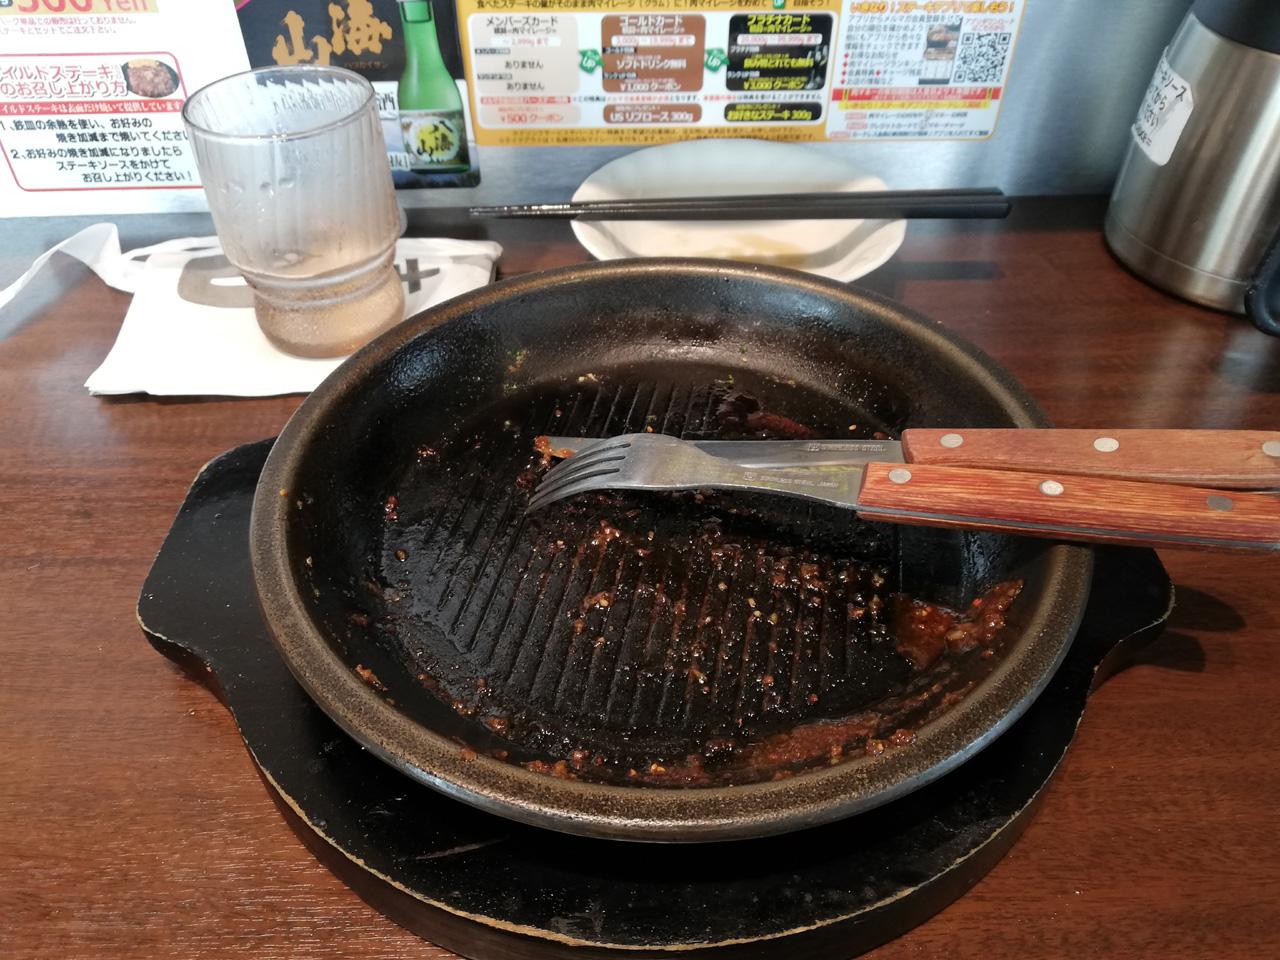 ワイルドステーキ300g完食